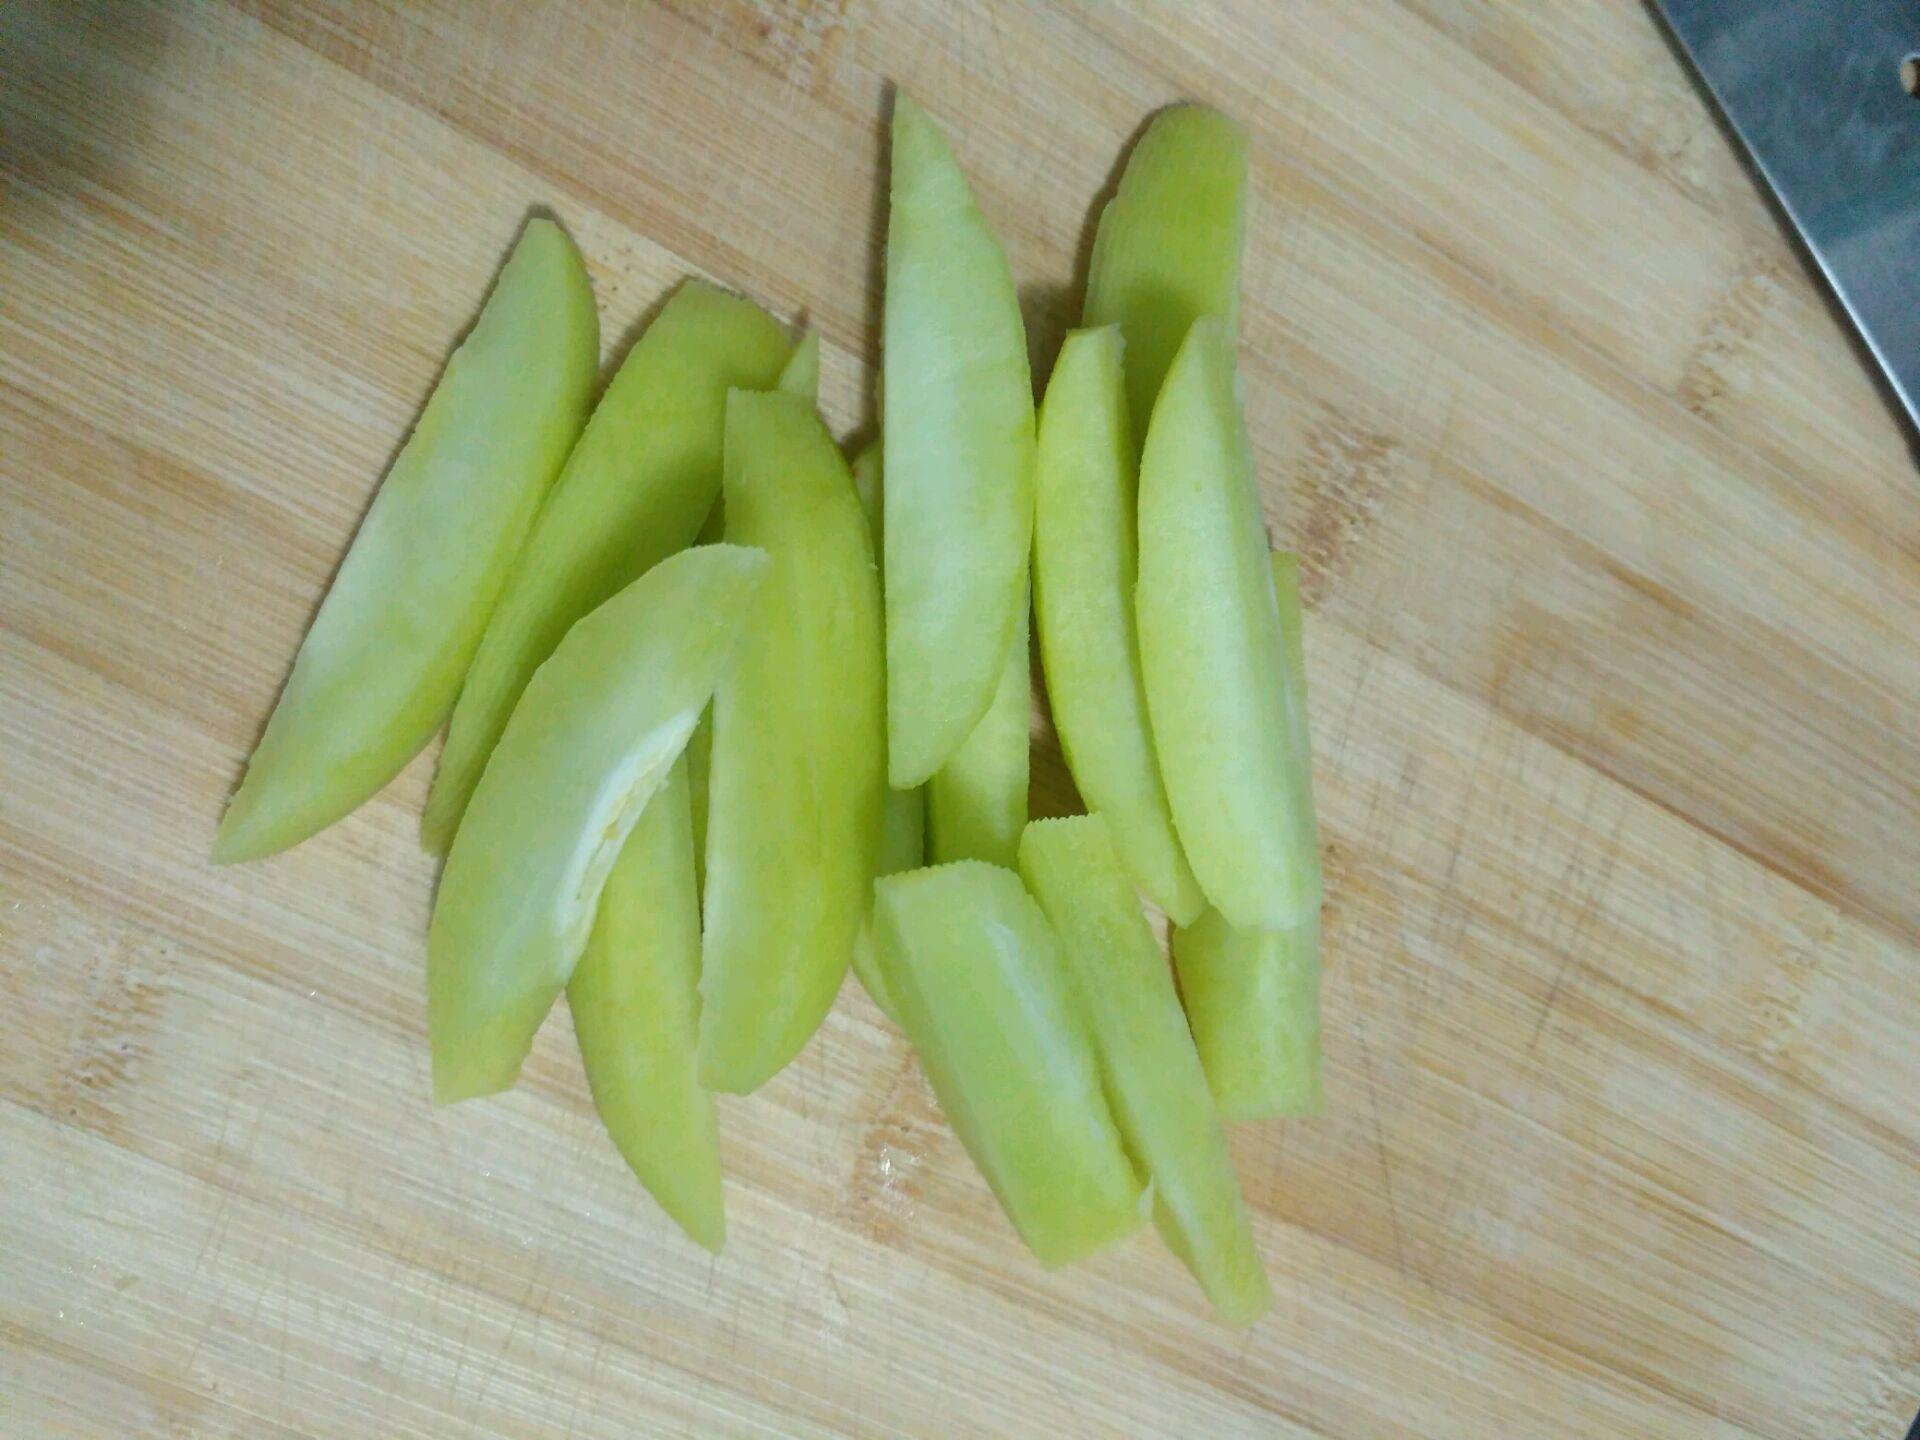 糖渍酸木瓜的做法_【图解】糖渍酸木瓜怎么做如何做